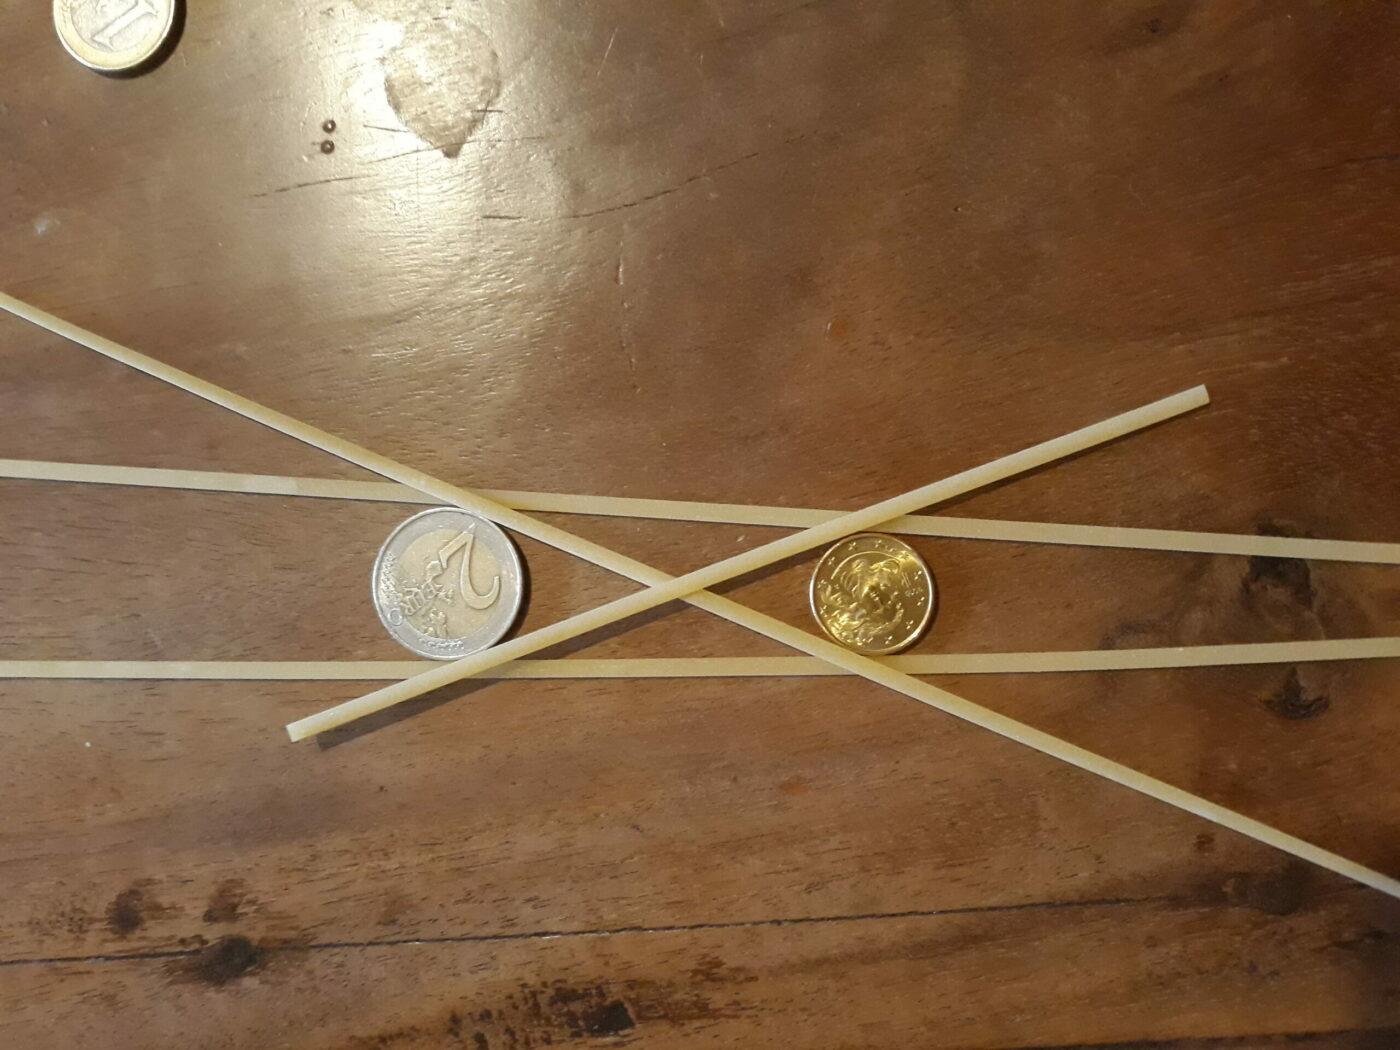 Piatti del giorno: ripassare la circonferenza con spaghetti e monete!